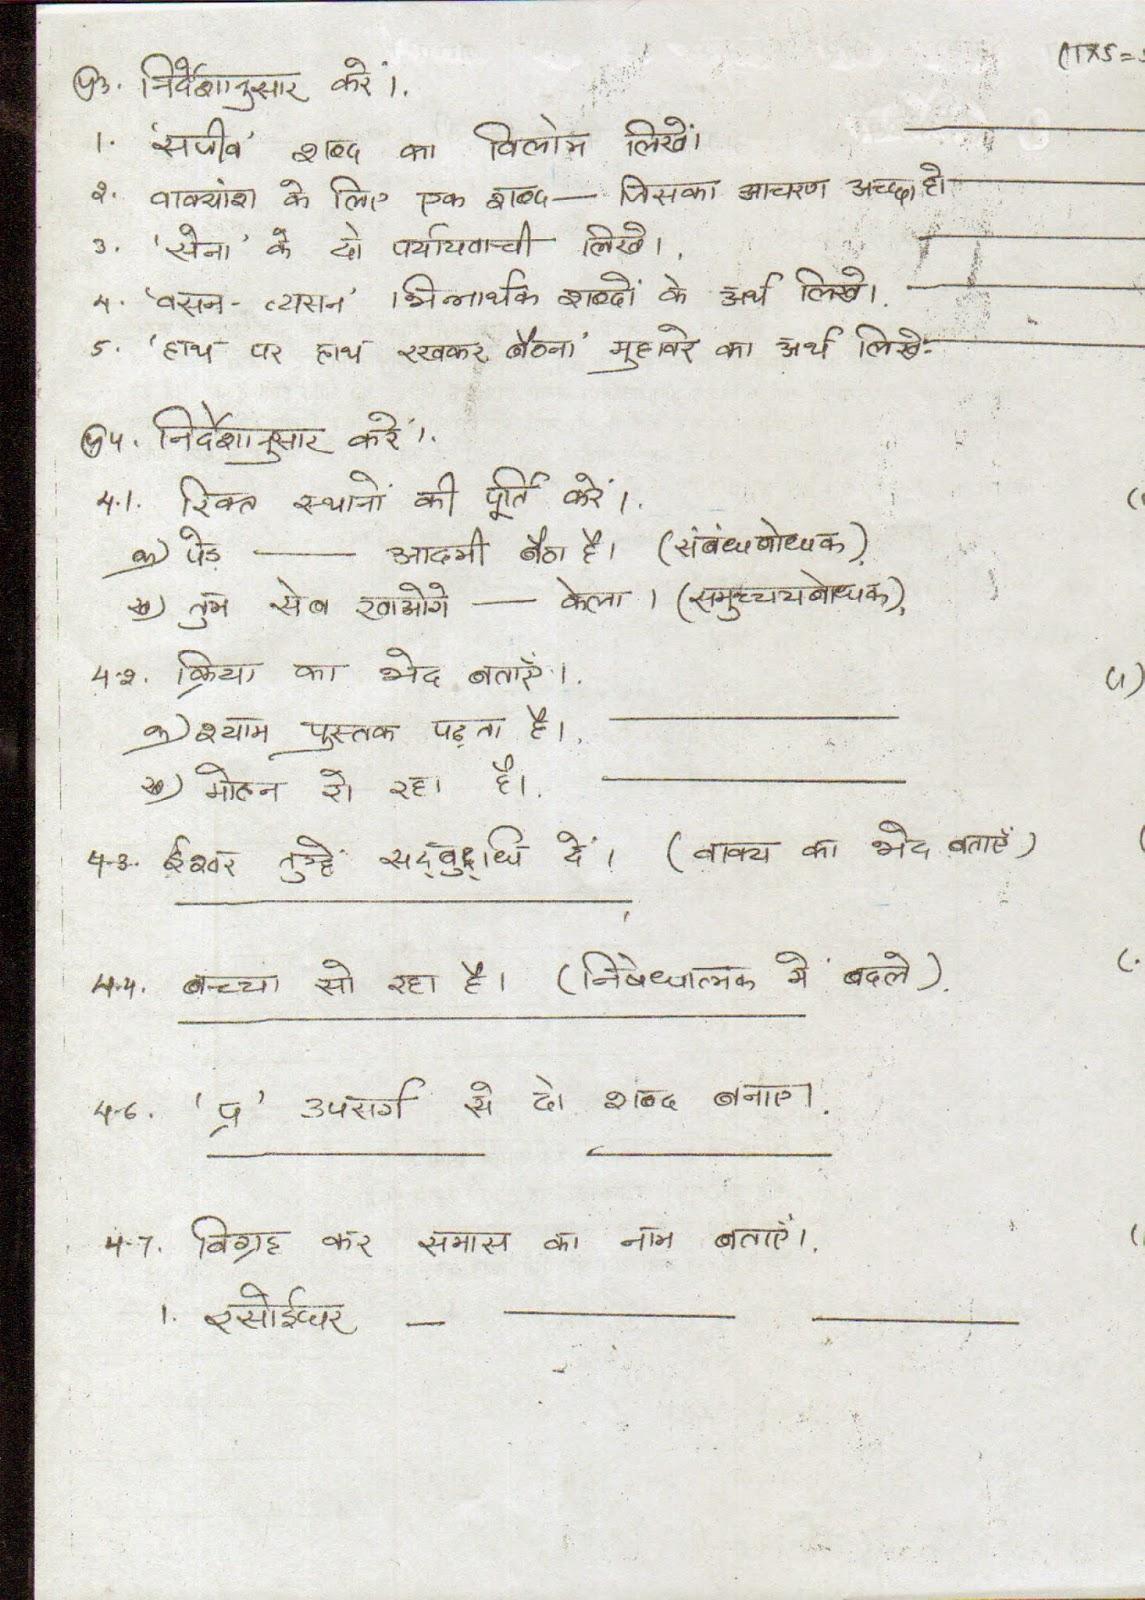 Hindi Hindi Worksheet Class Vii